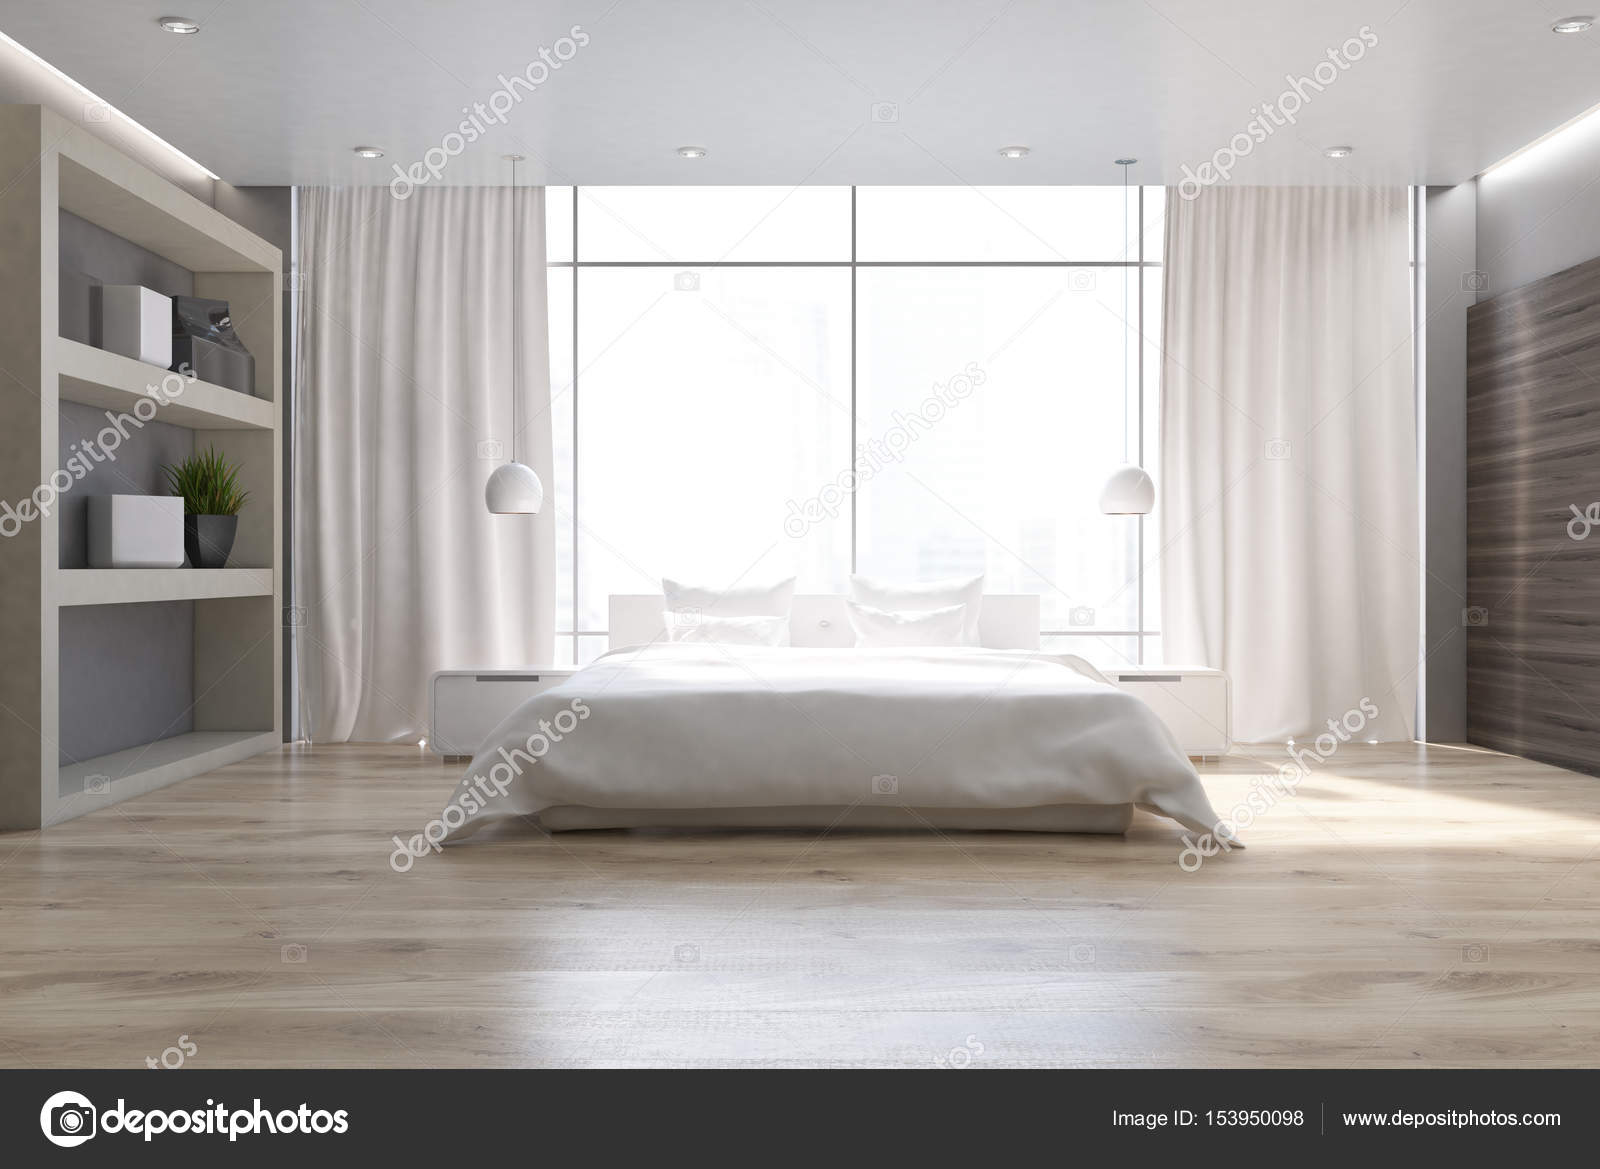 Houten Vloer Slaapkamer : Wit slaapkamer houten vloer voorste u2014 stockfoto © denisismagilov